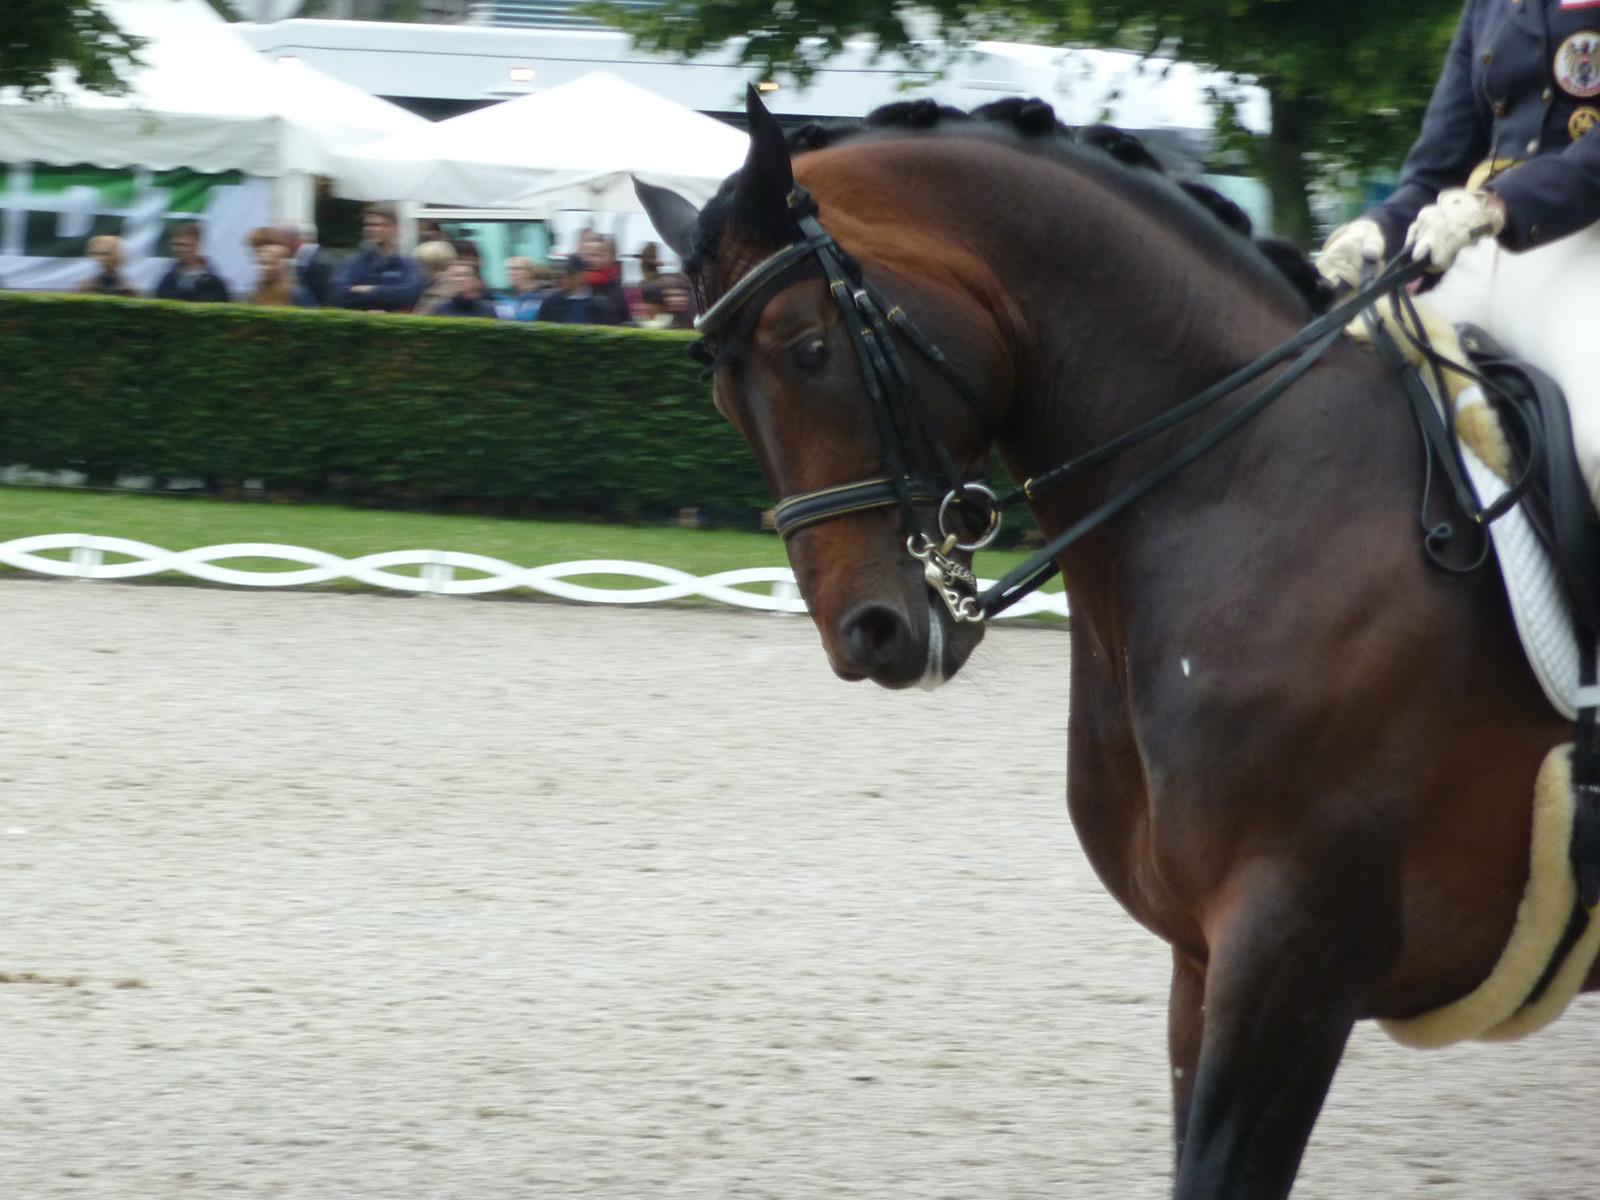 94237618b4131 Pferdesport – das stille Leiden der Pferde